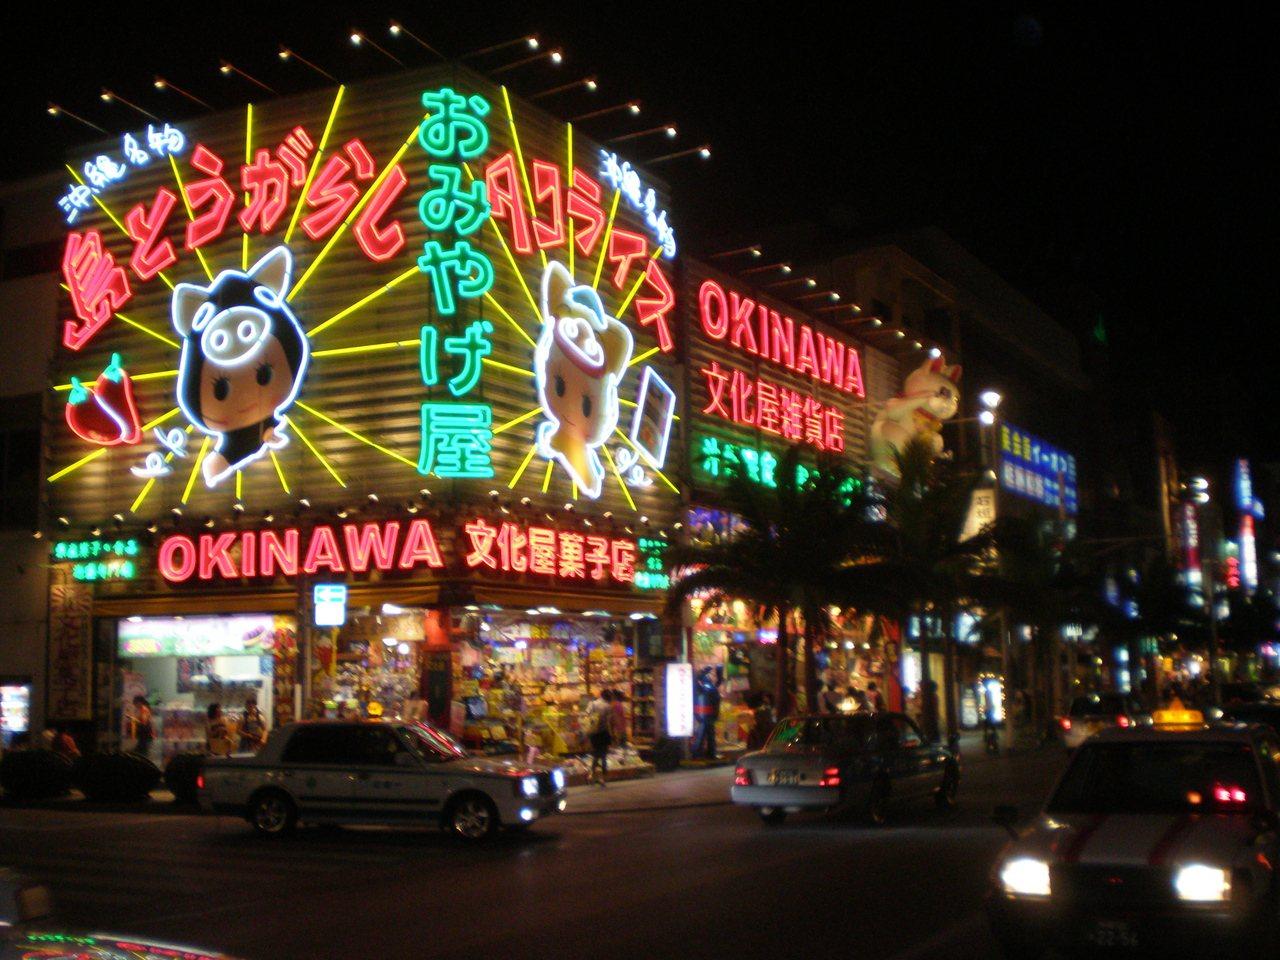 國際通猶如台北市西門町般熱鬧,來沖繩觀光,遊客必逛。記者饒磐安/攝影